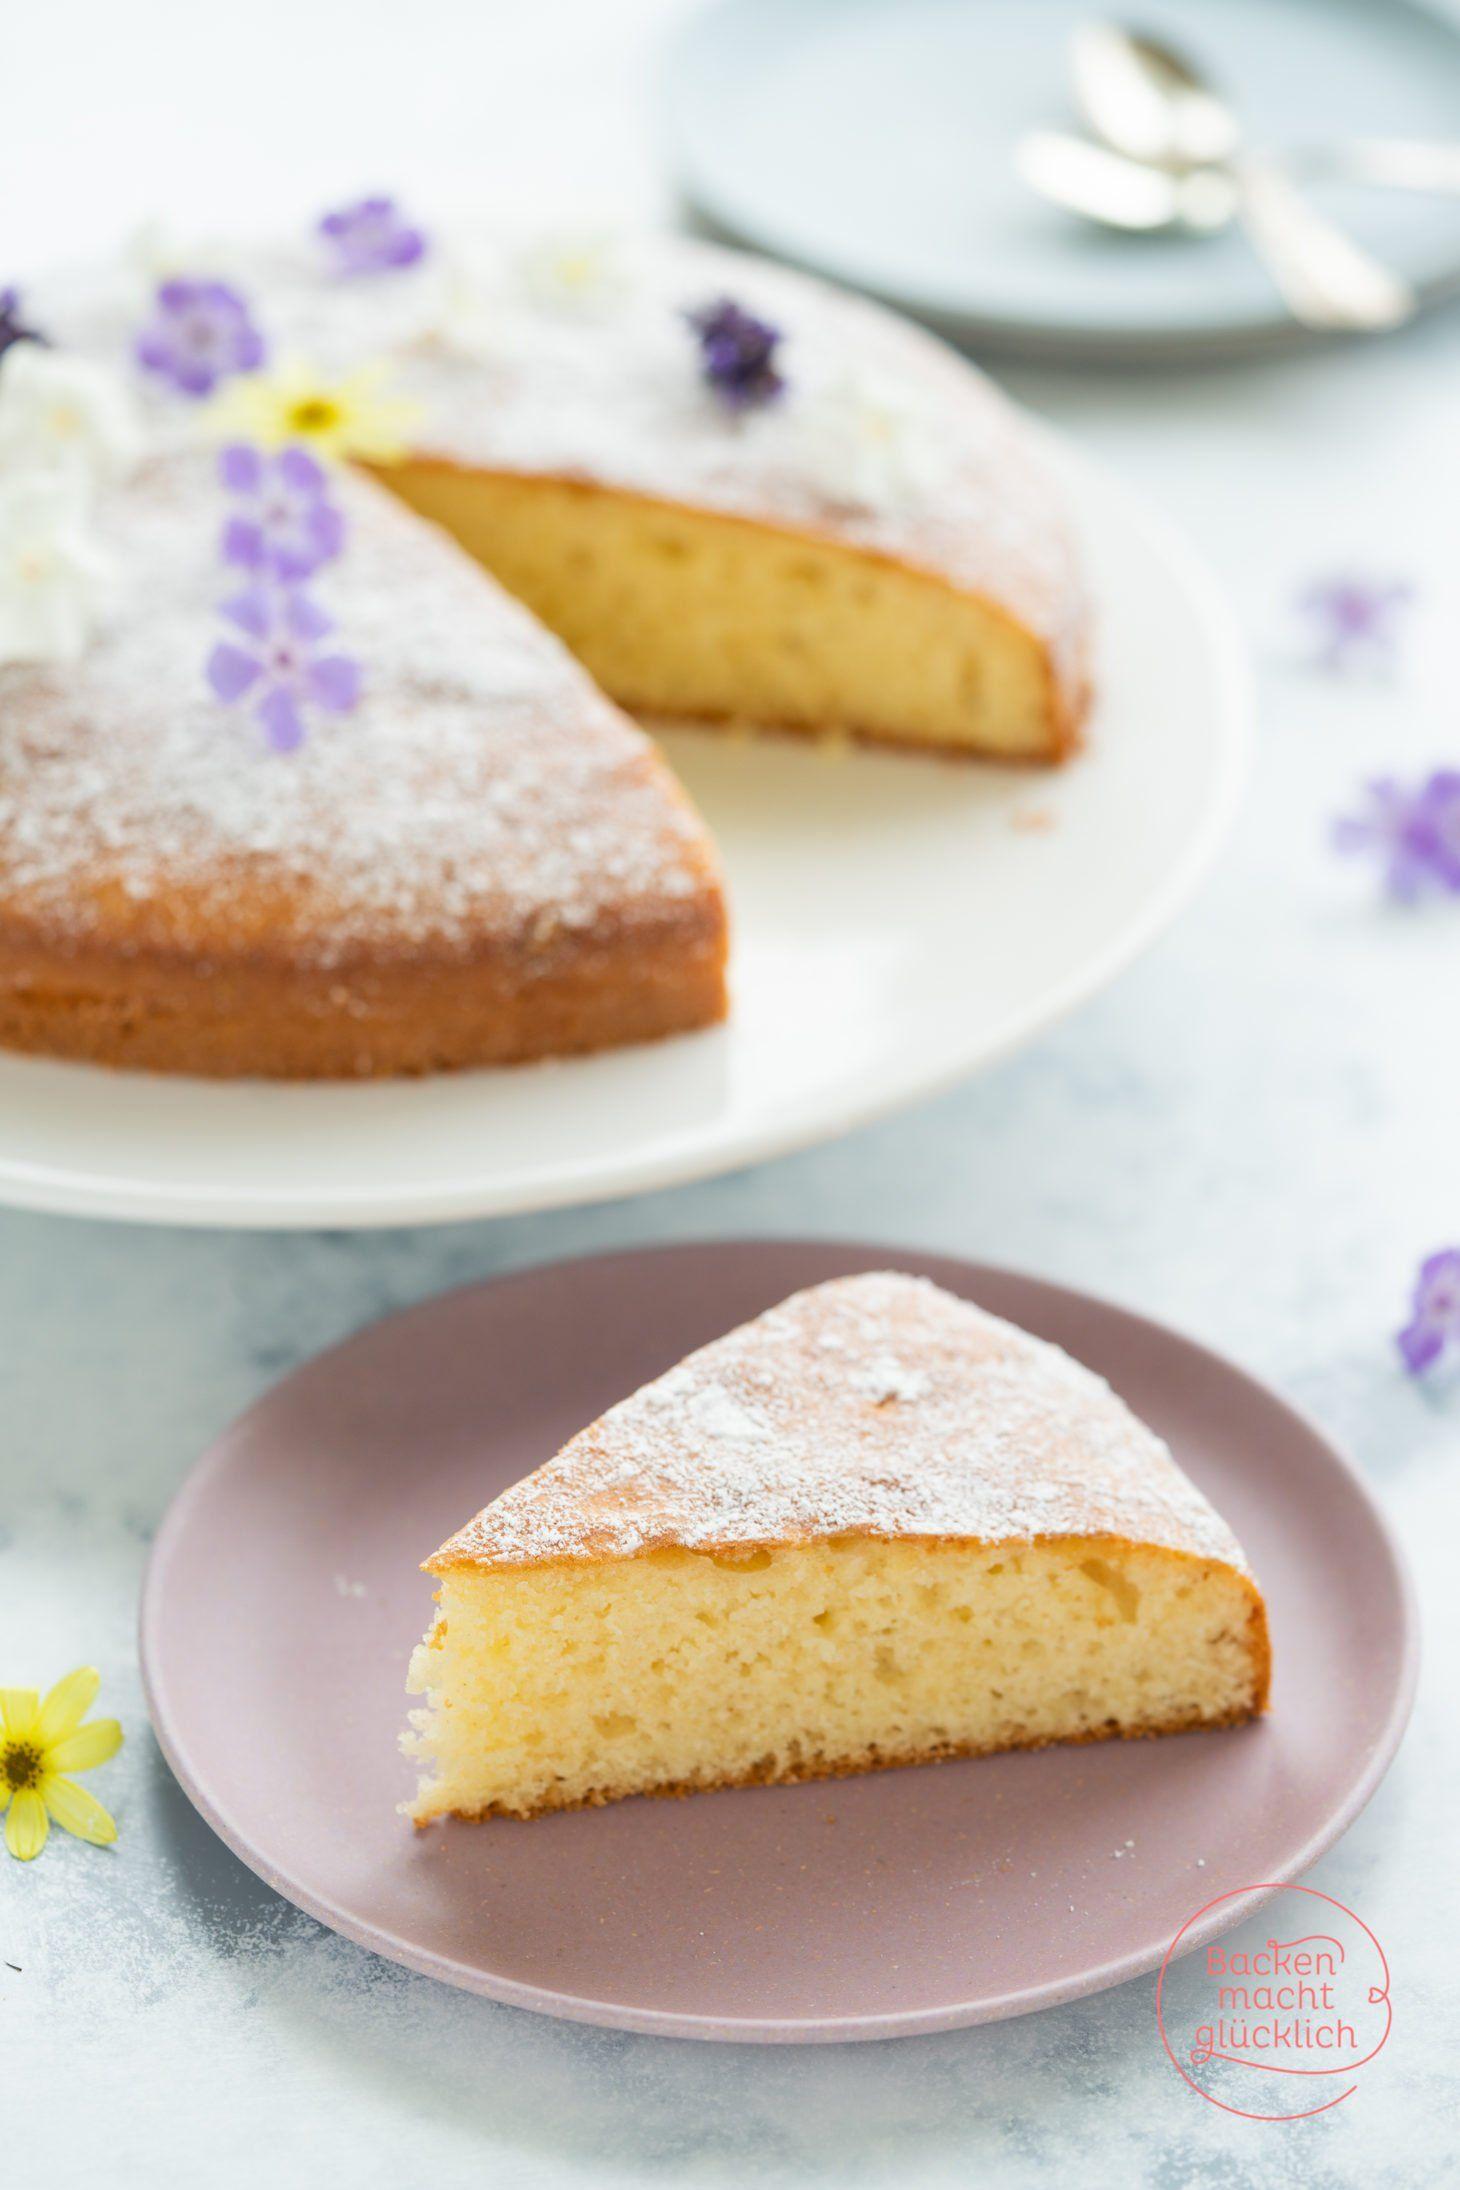 Einfacher Joghurtkuchen Becherkuchen Backen Macht Glucklich Rezept Joghurt Kuchen Becherkuchen Kuchen